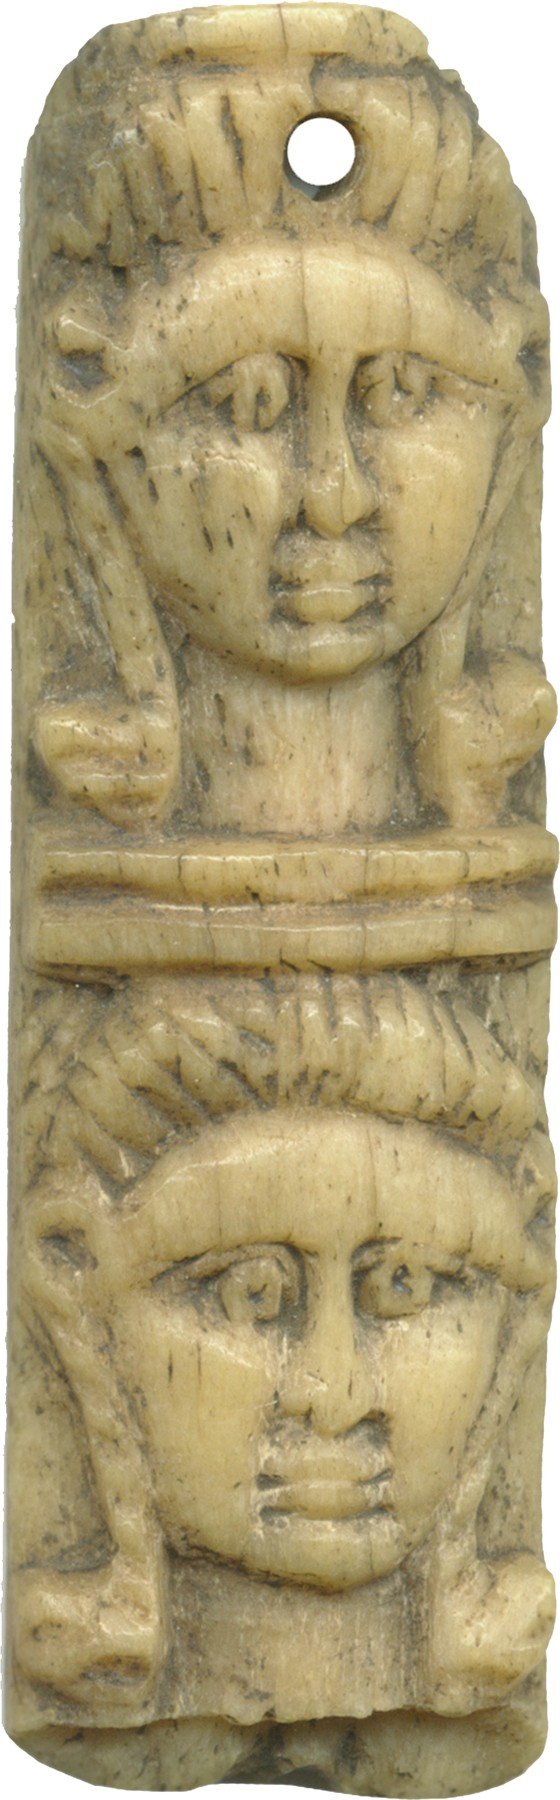 Heads of Hathor